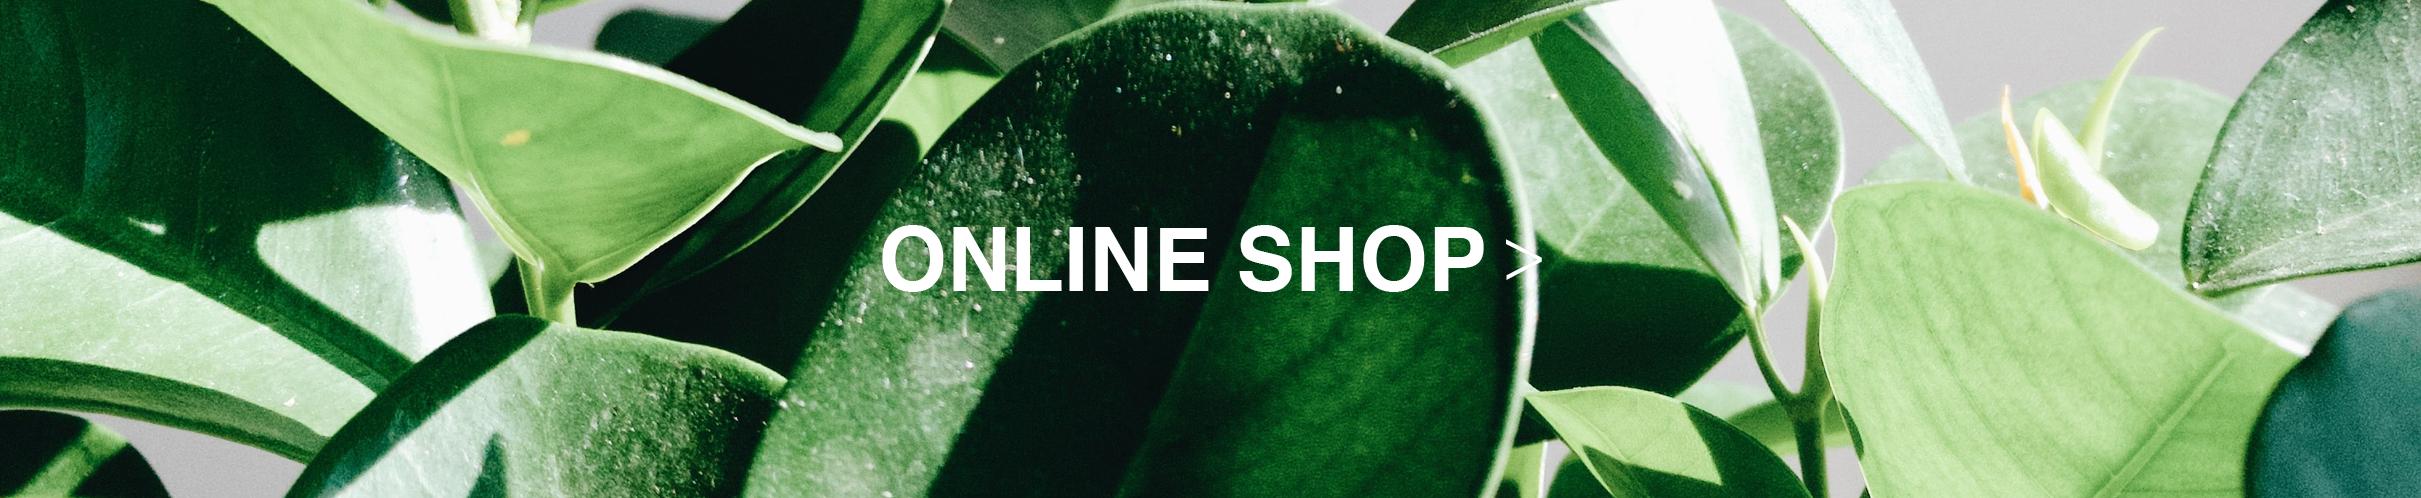 オンラインショップ画像